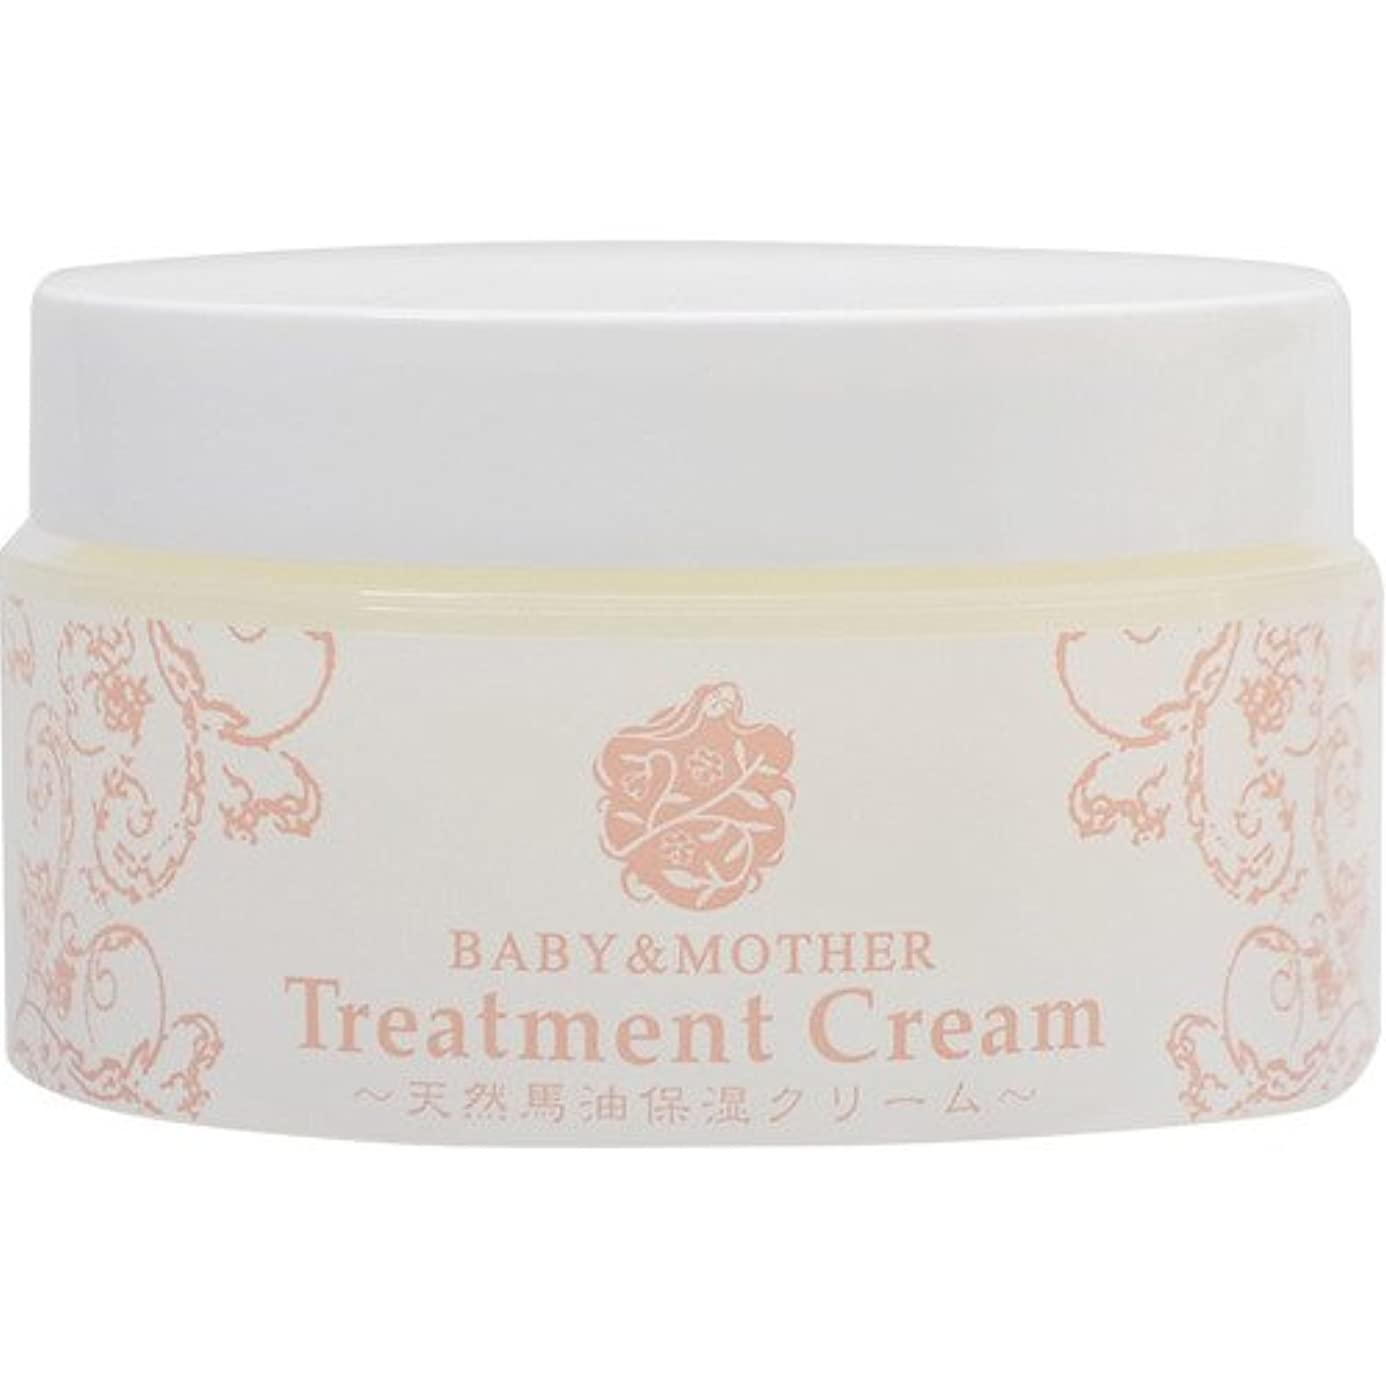 ファランクス骨折ひまわりBABY&MOTHER Treatment Cream 天然馬油保湿クリーム 80g